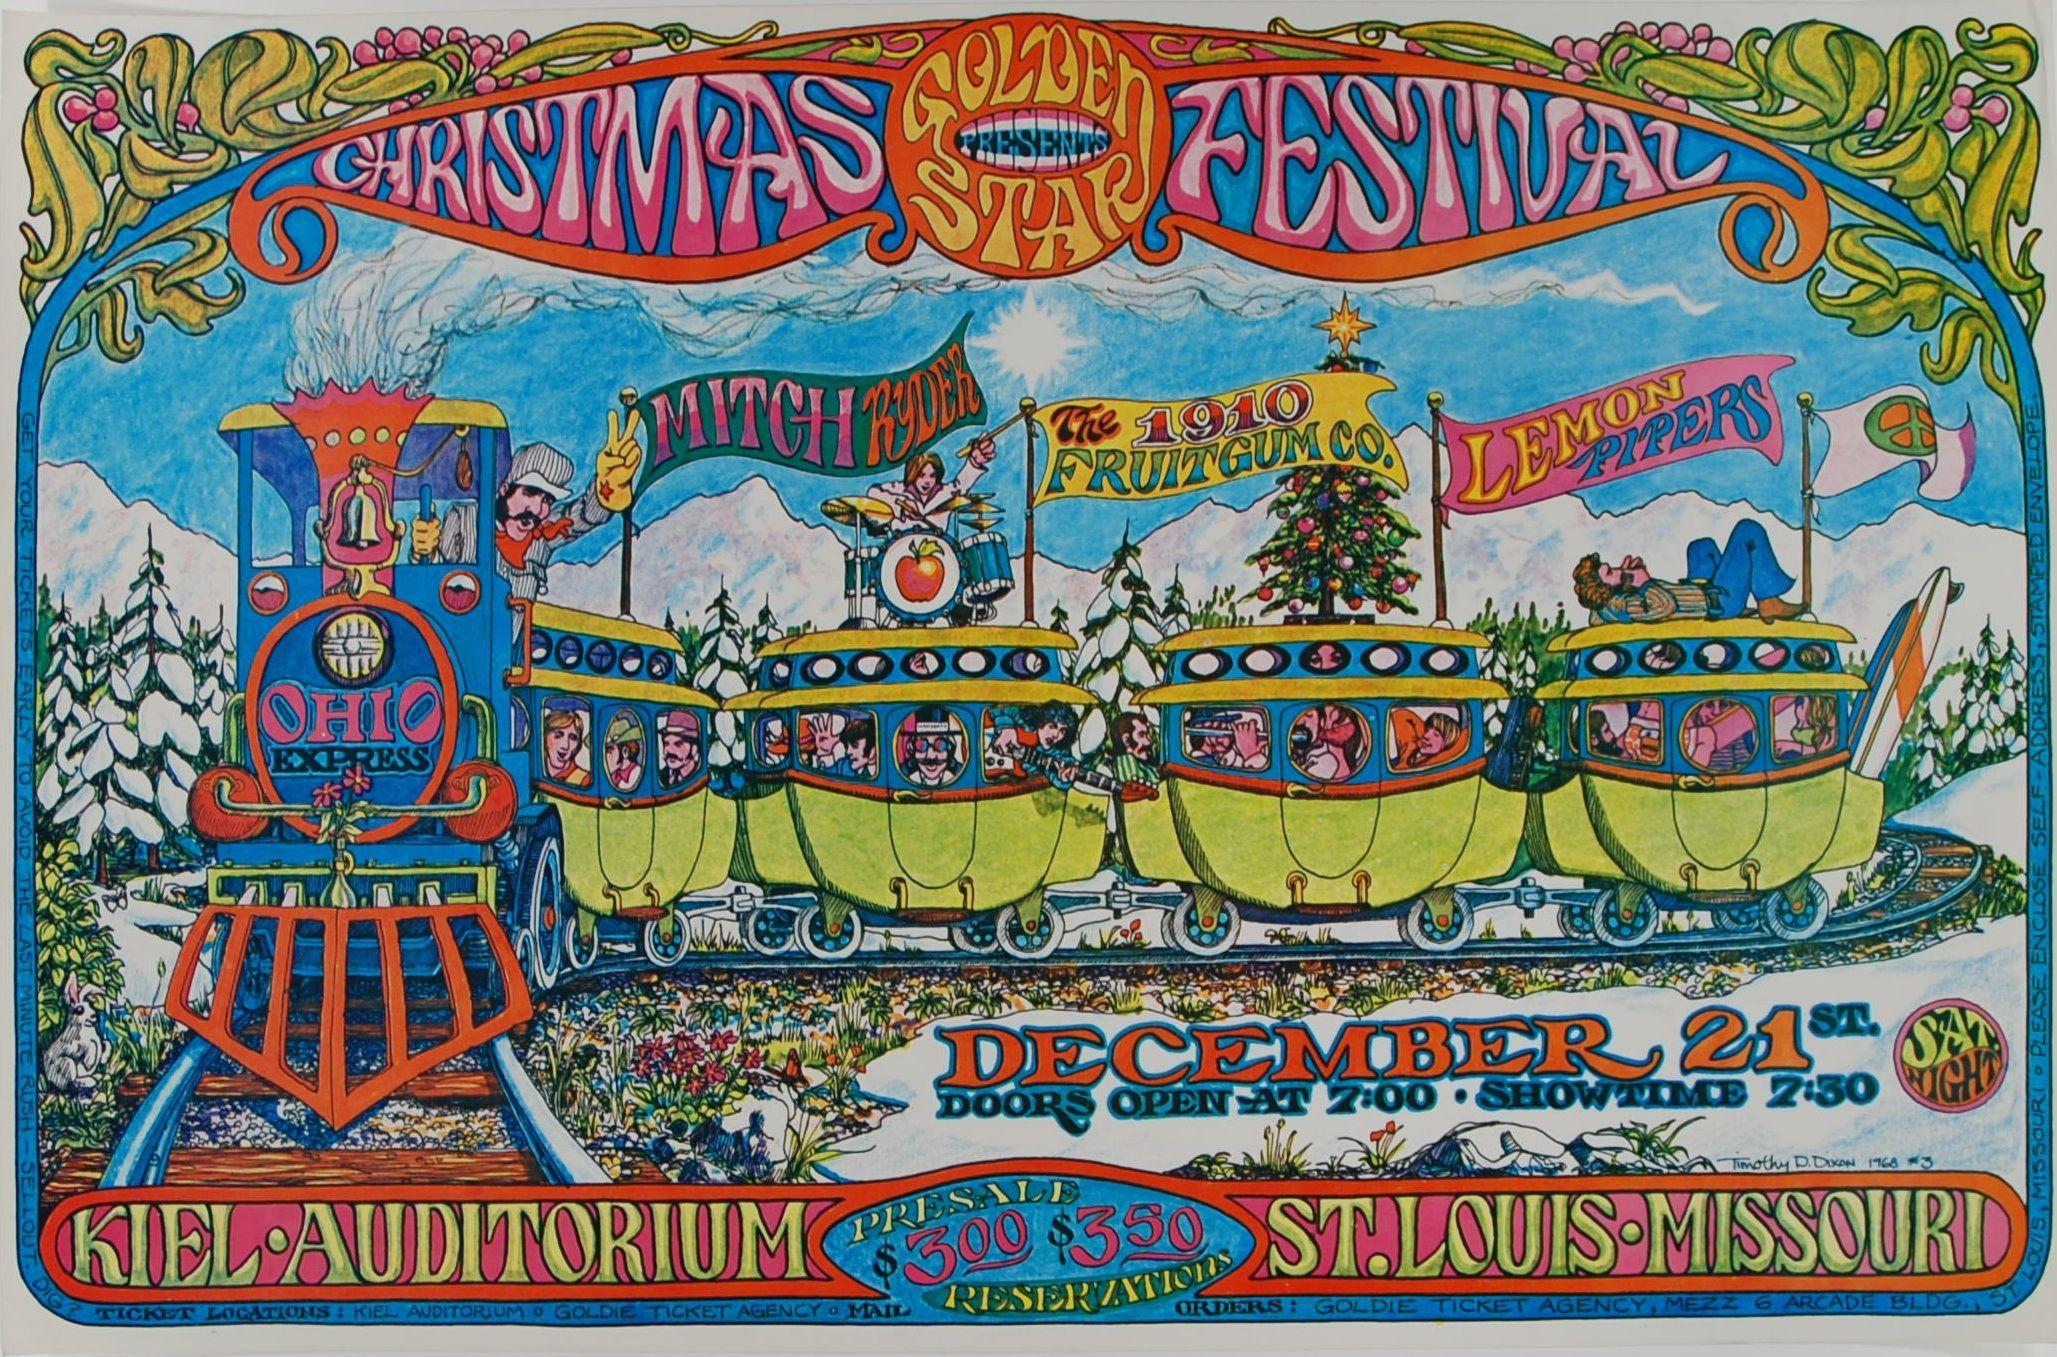 Golden Star Christmas Festival 1968.